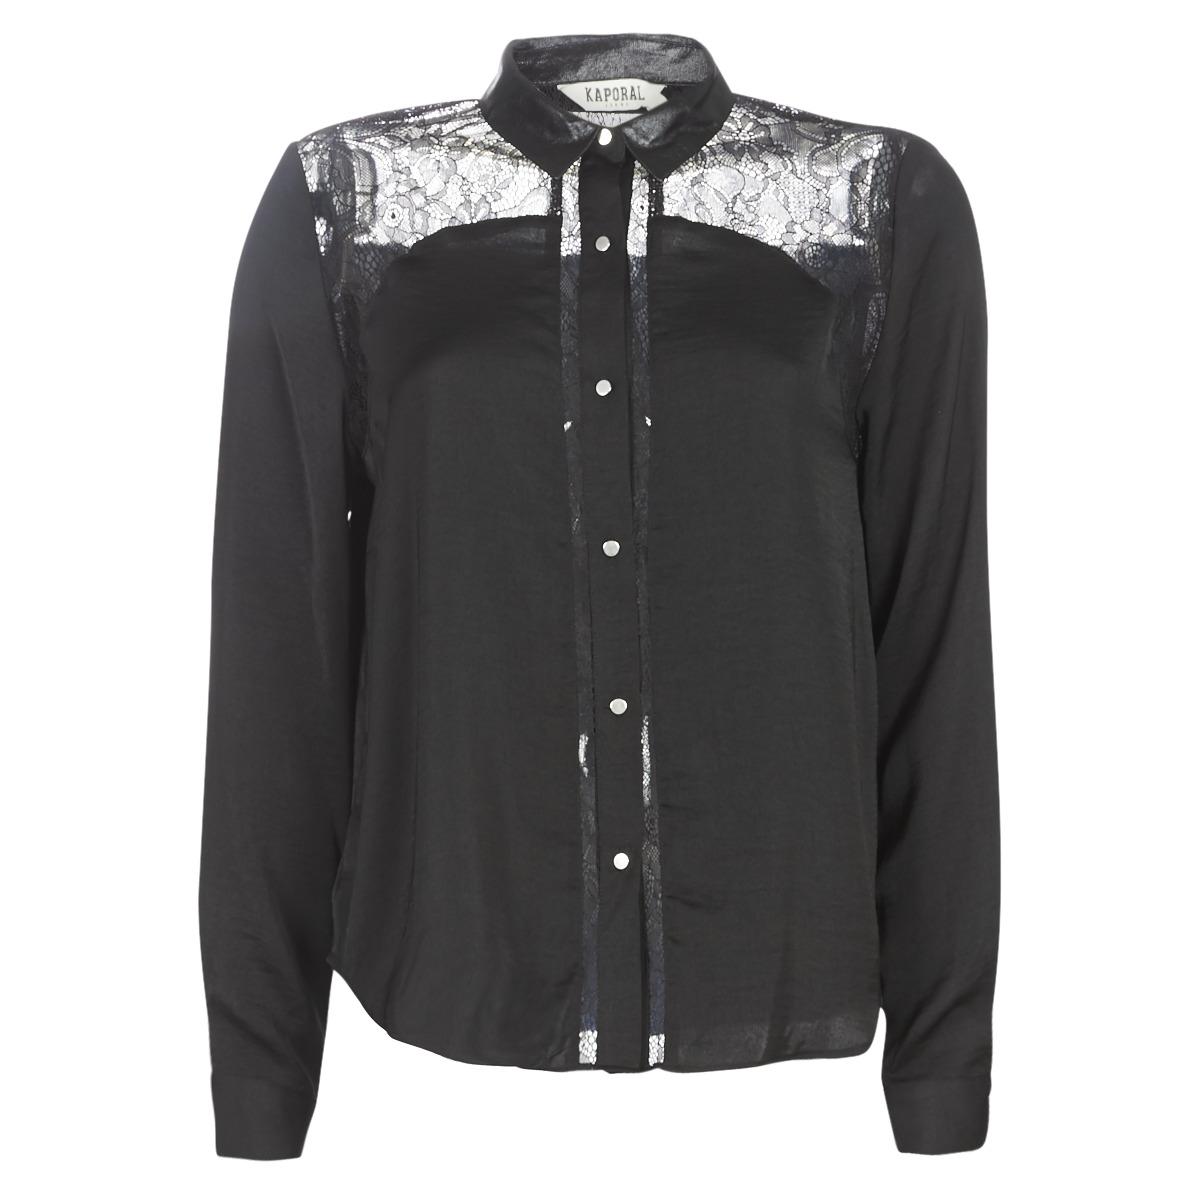 Skjorter / Skjortebluser Kaporal  PARY